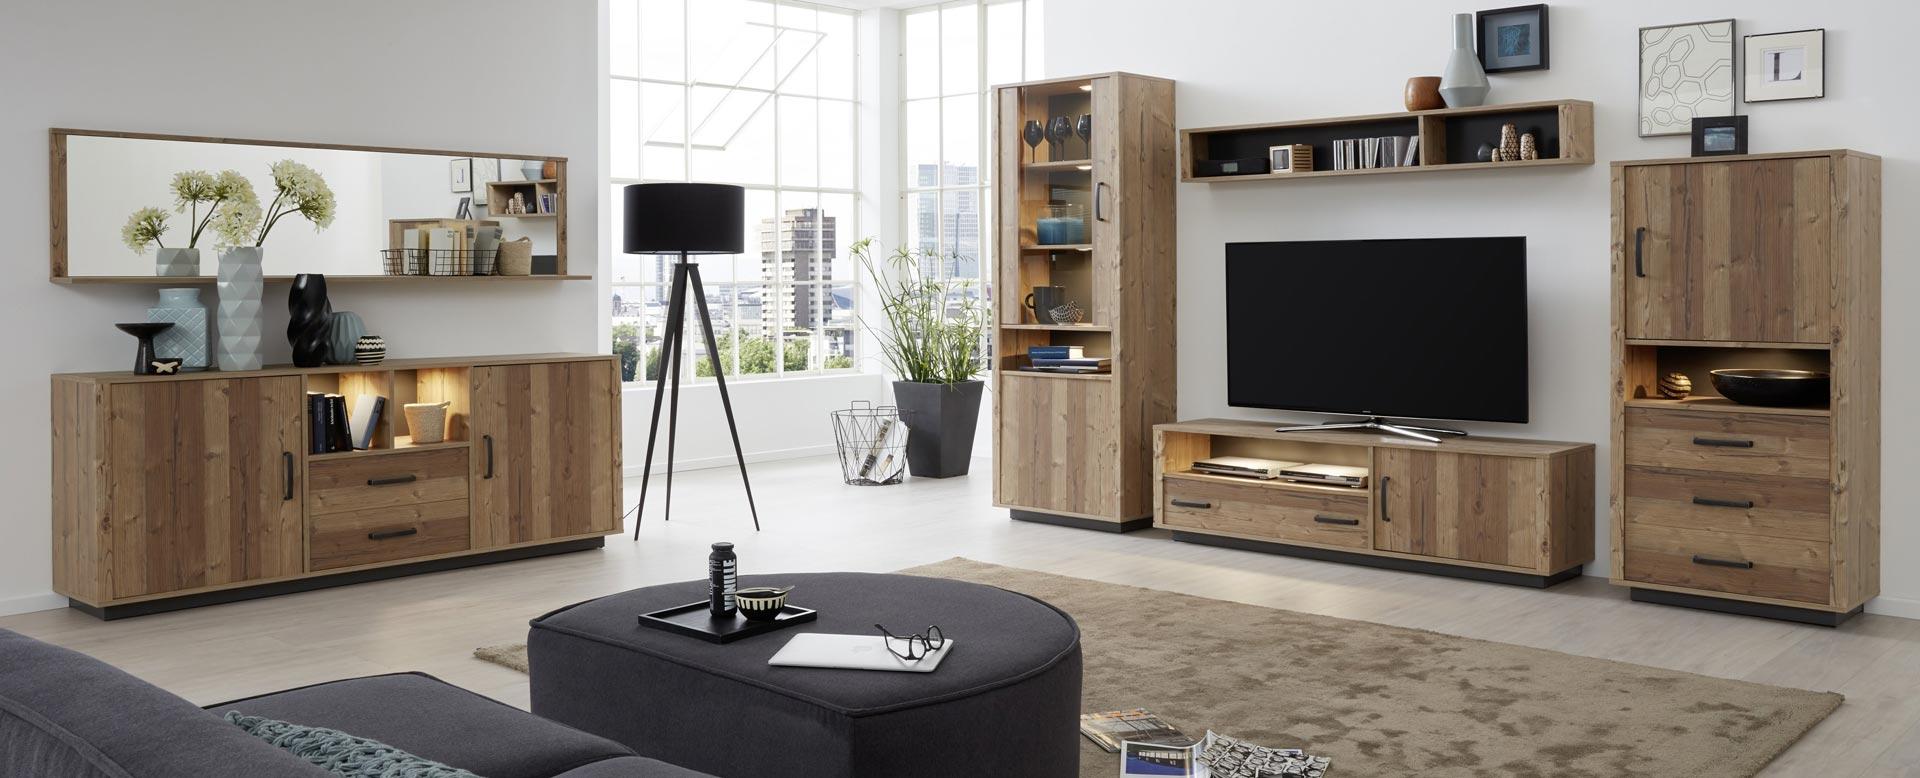 Nolte Küchen Möbel Martin – Home Sweet Home